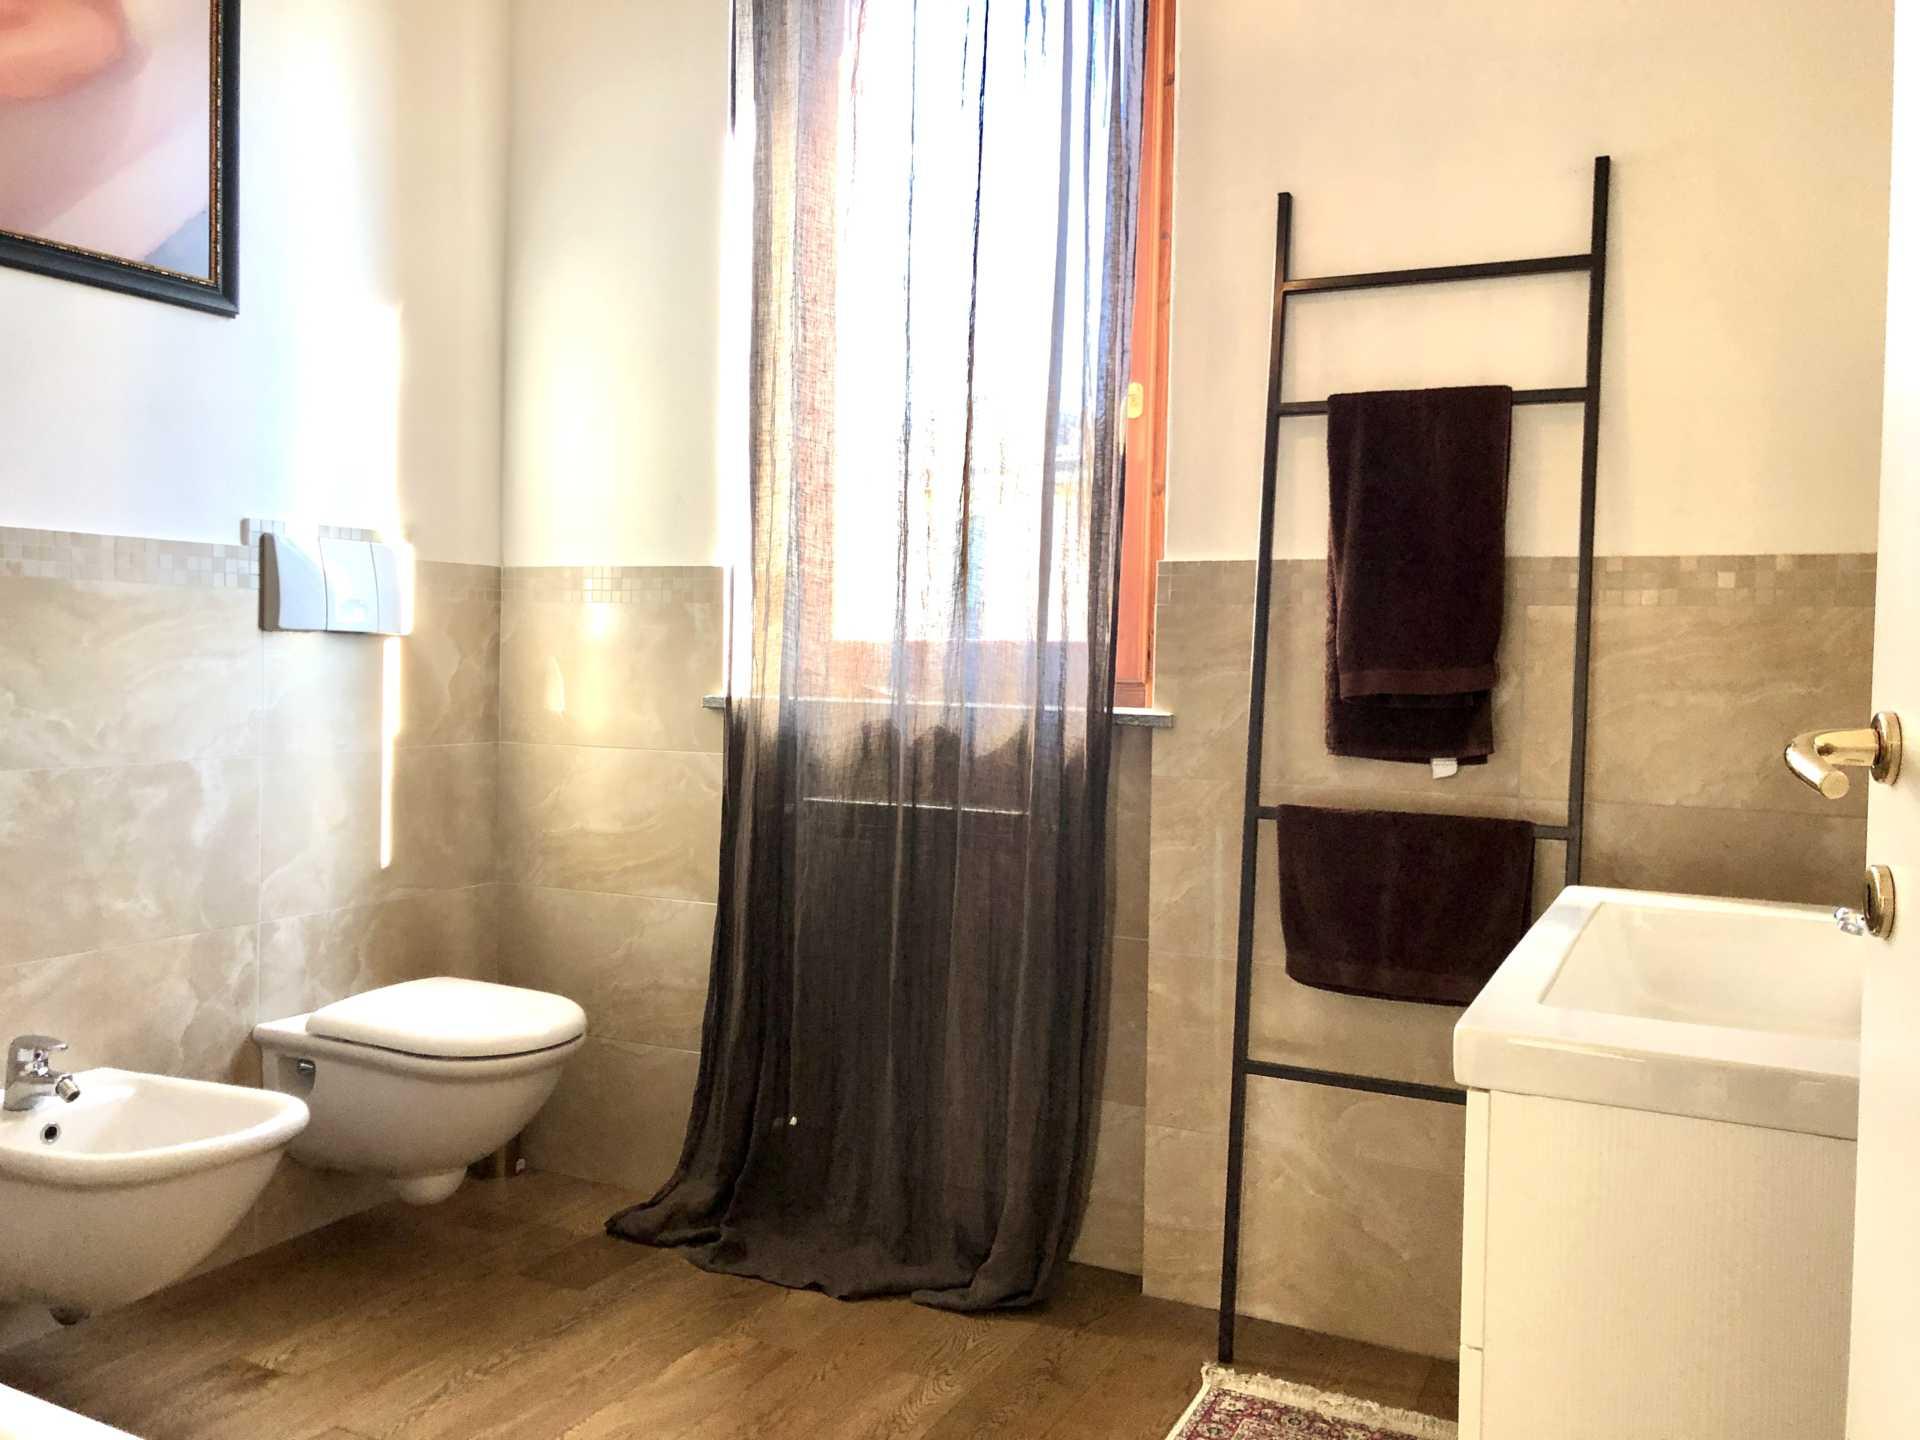 Appartamento in vendita di design casaestyle (2)